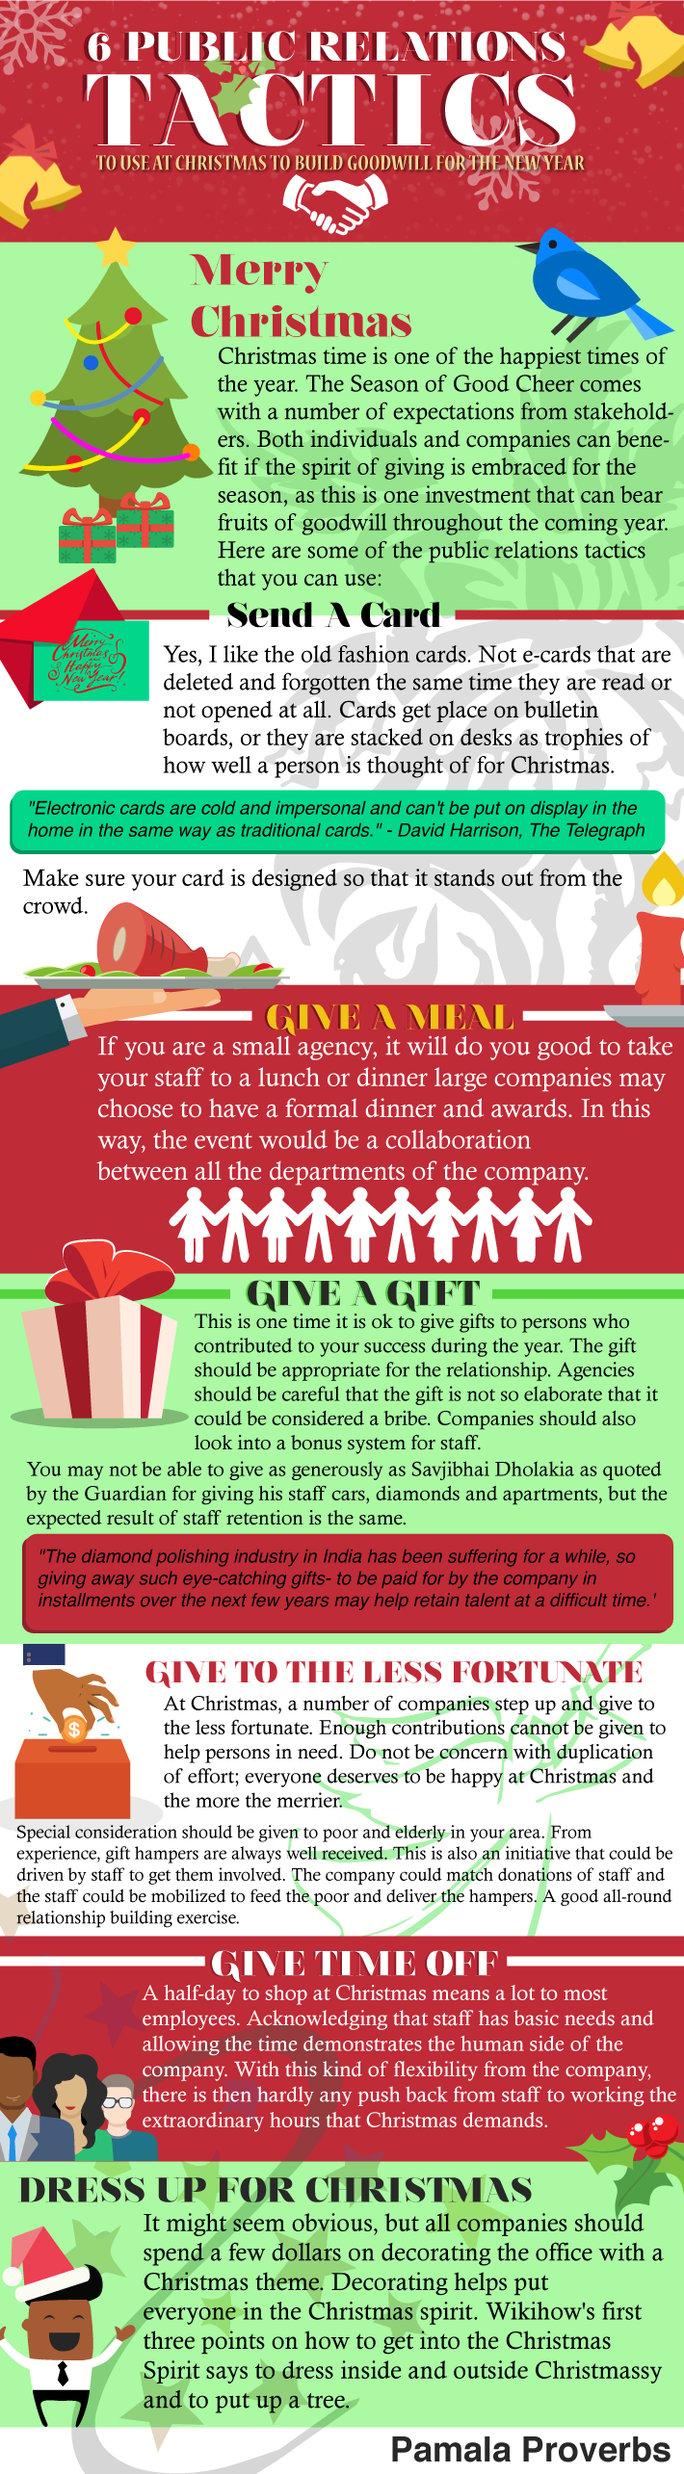 PR-Christmas-Tips-LONG.png